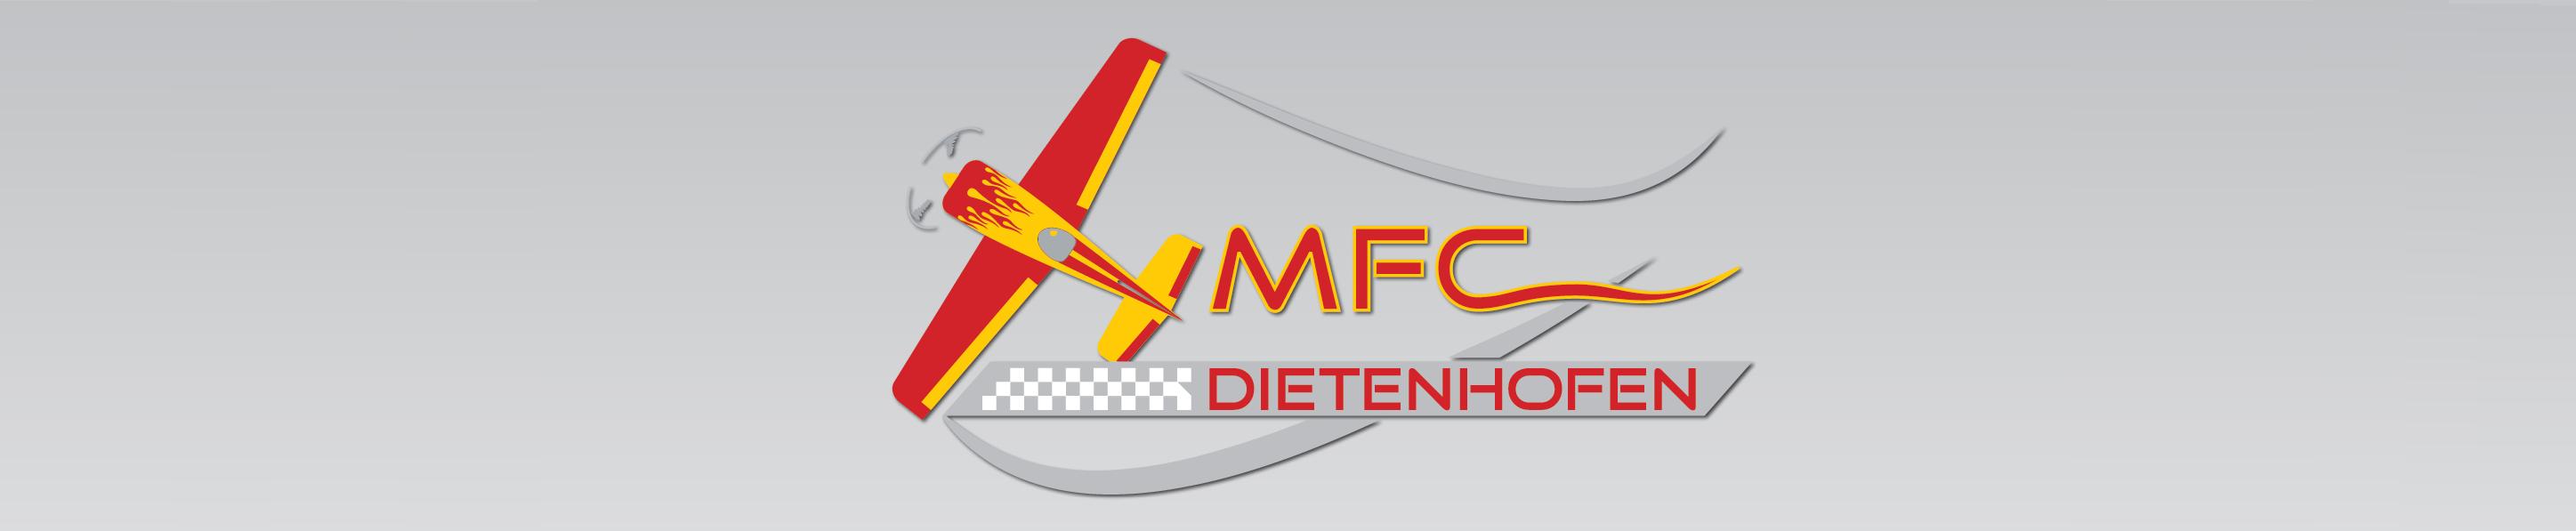 MFC Frankenhöhe Dietenhofen e.V.